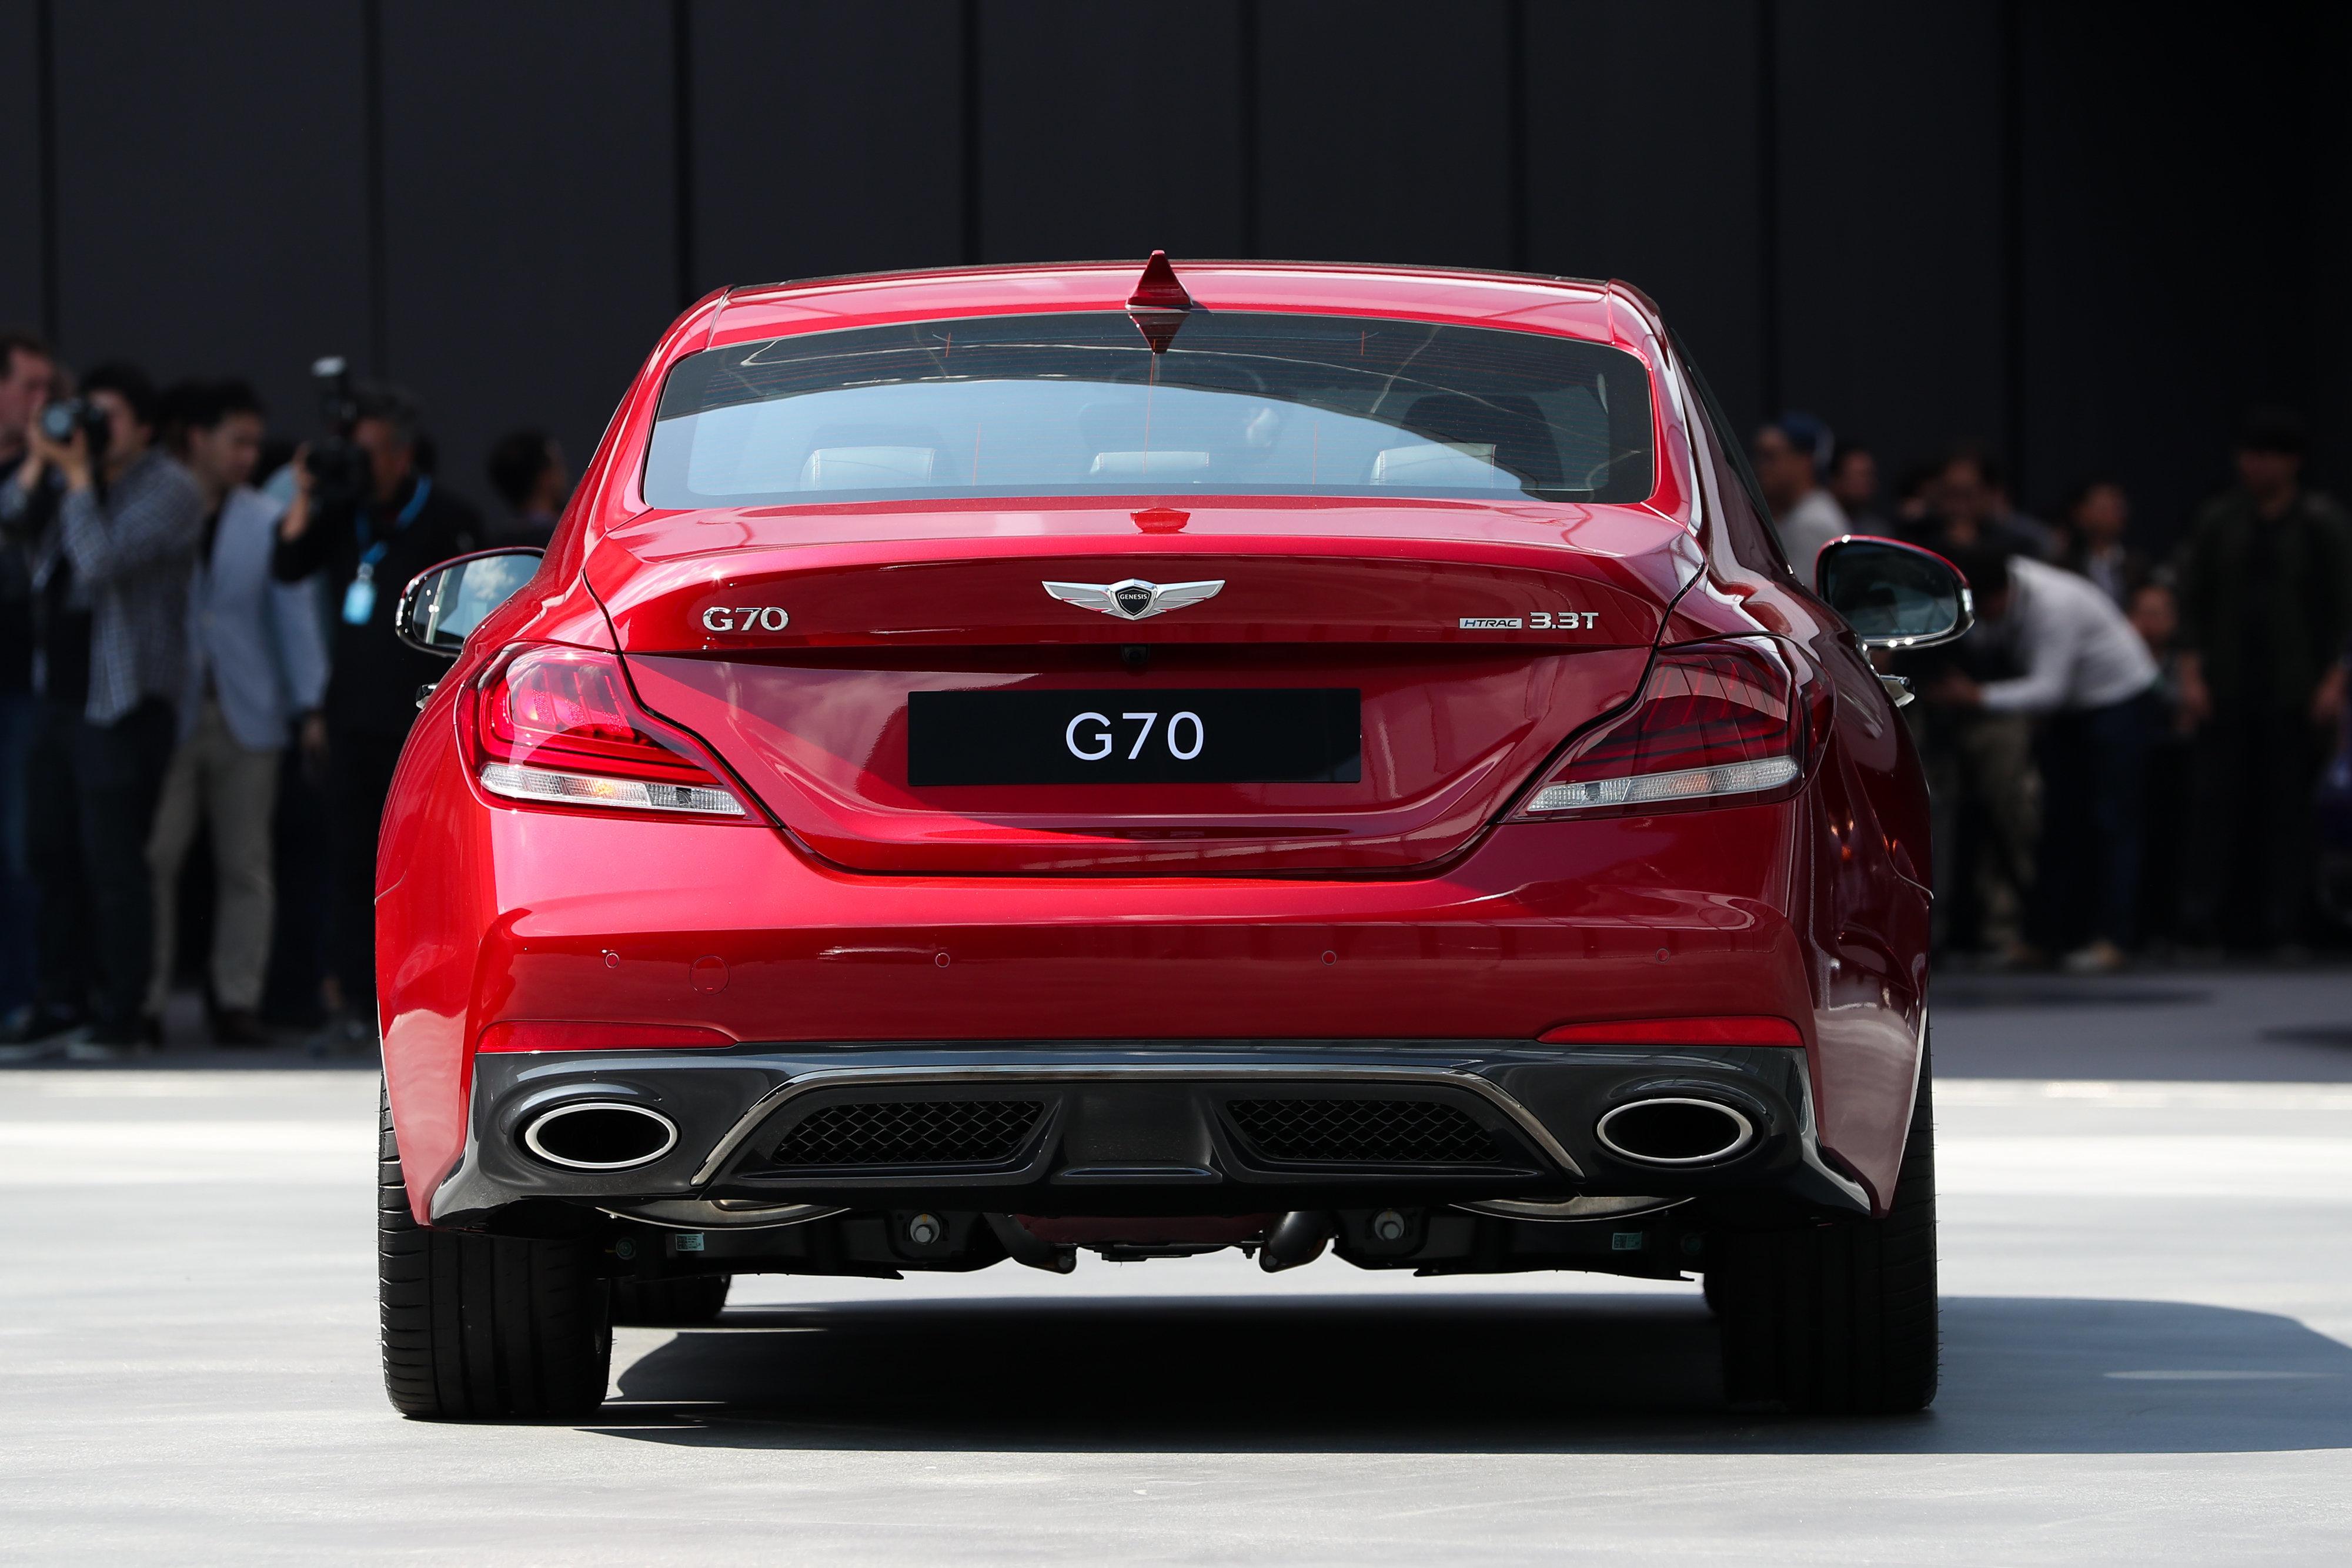 현대차 제네시스 G70이 모터트렌드 '올해의 차'로